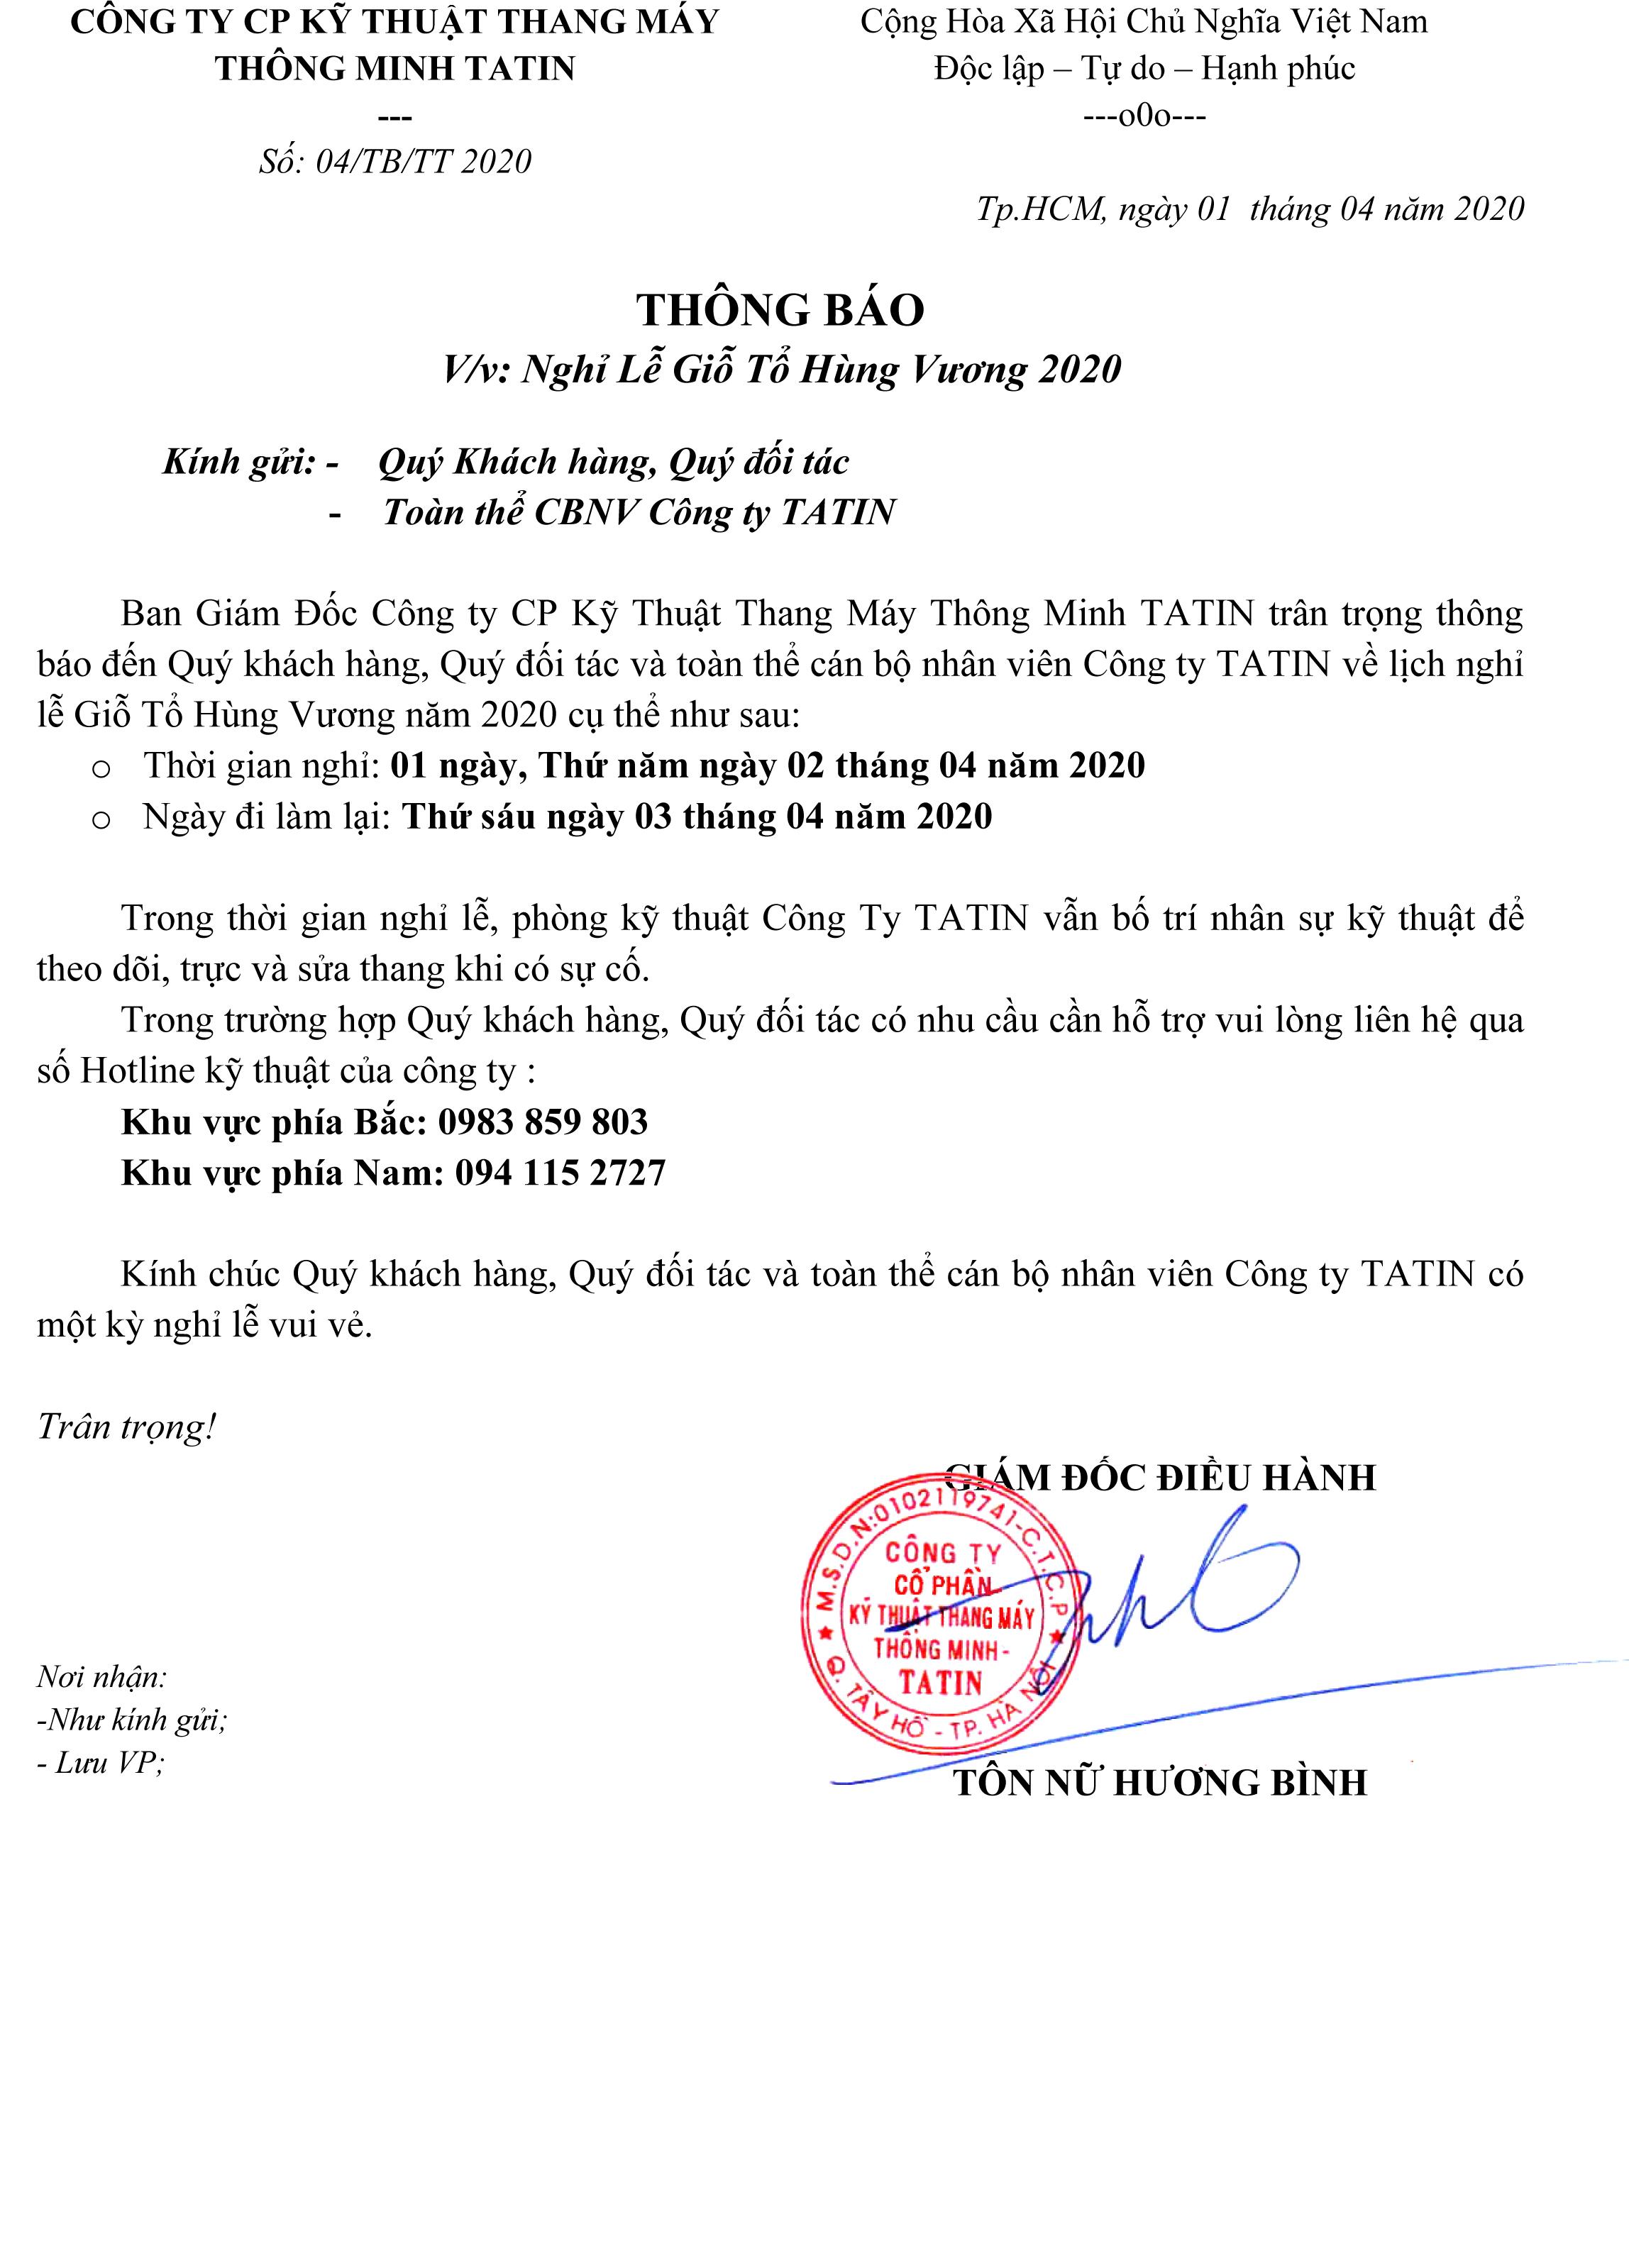 Thông báo nghỉ lễ Giỗ Tổ Hùng Vương năm 2020